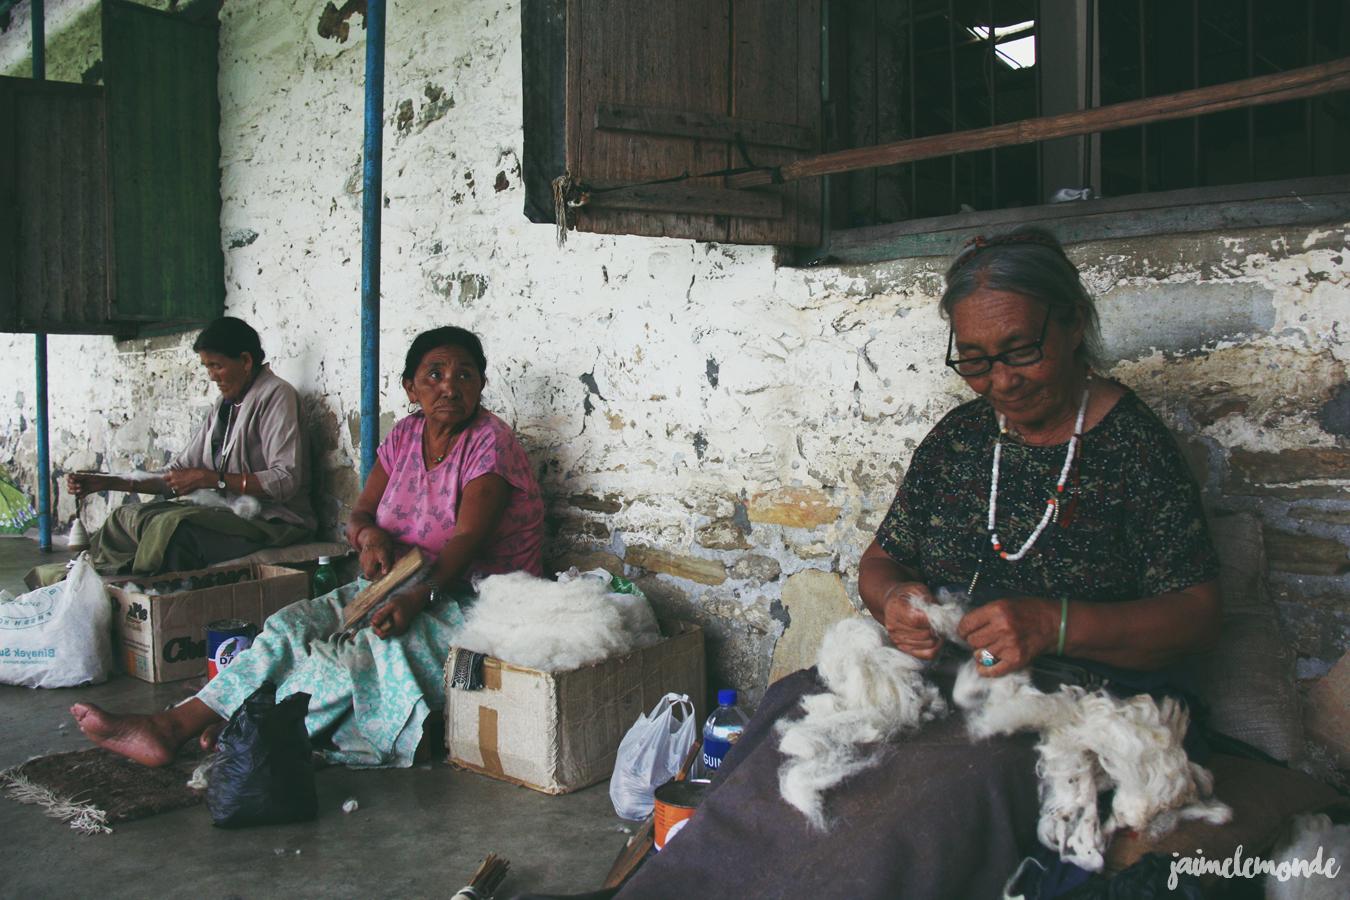 Blog voyage - 50 photos au Népal - ©jaimelemonde (12)